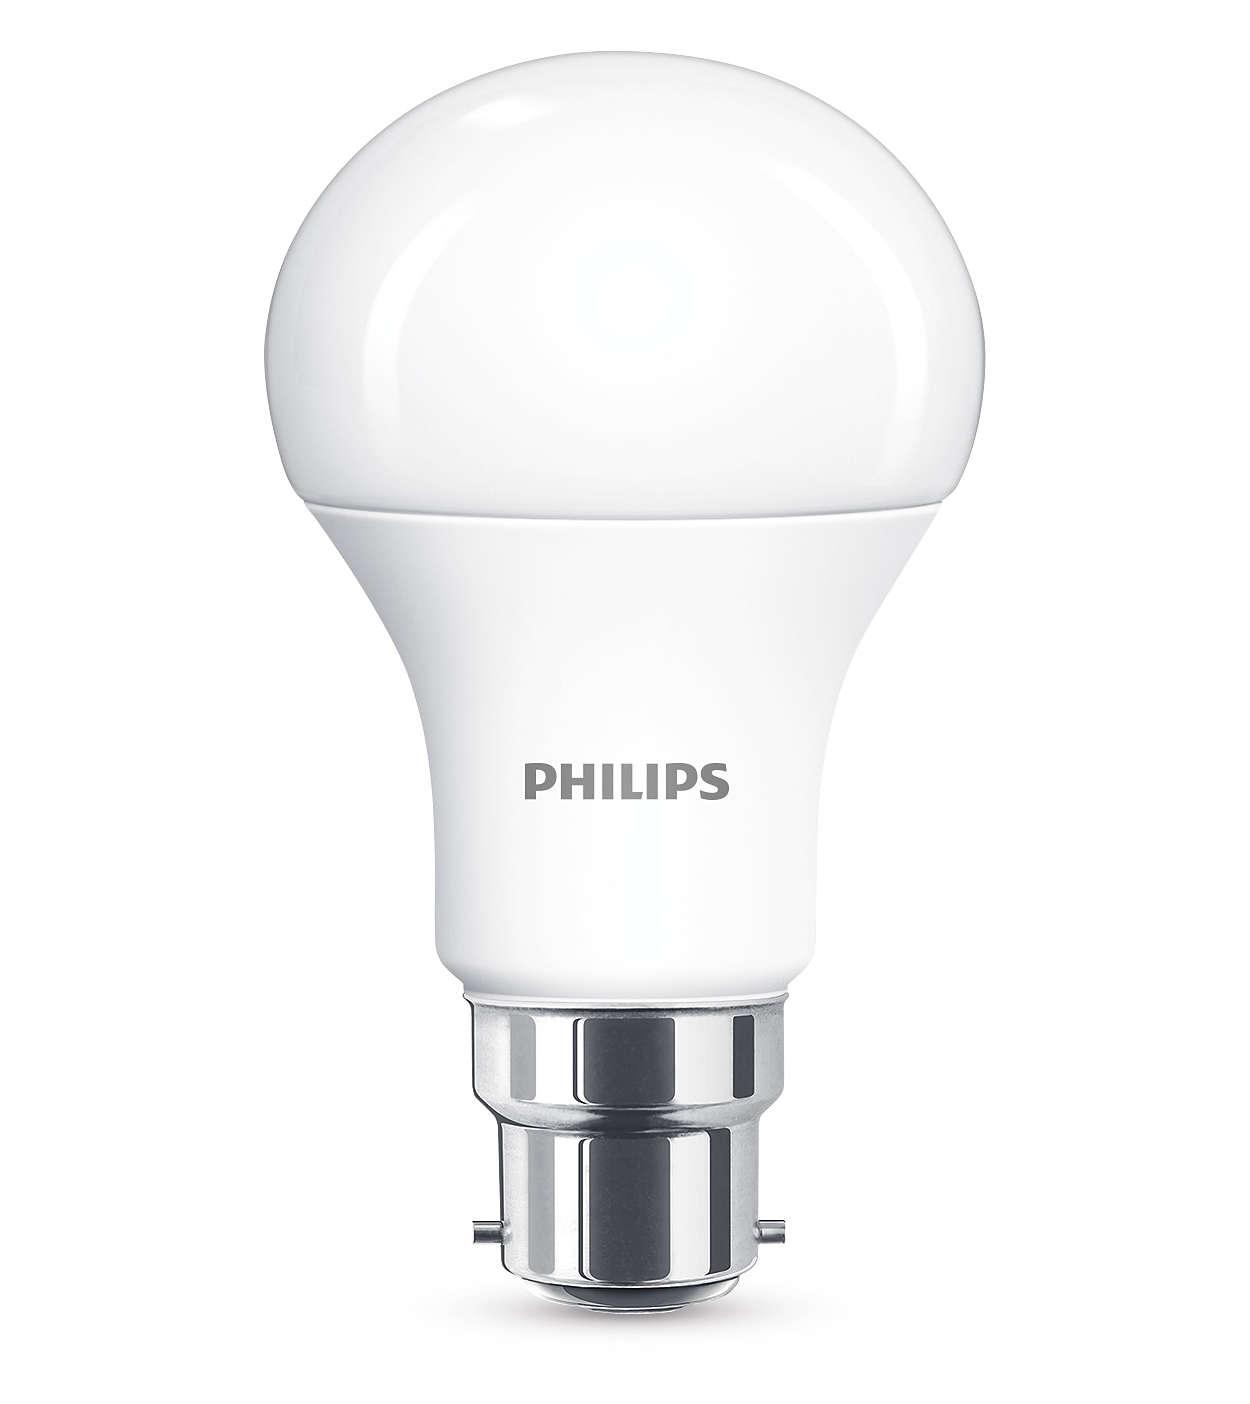 Ζεστό λευκό φως, χωρίς συμβιβασμούς στην ποιότητα του φωτισμού